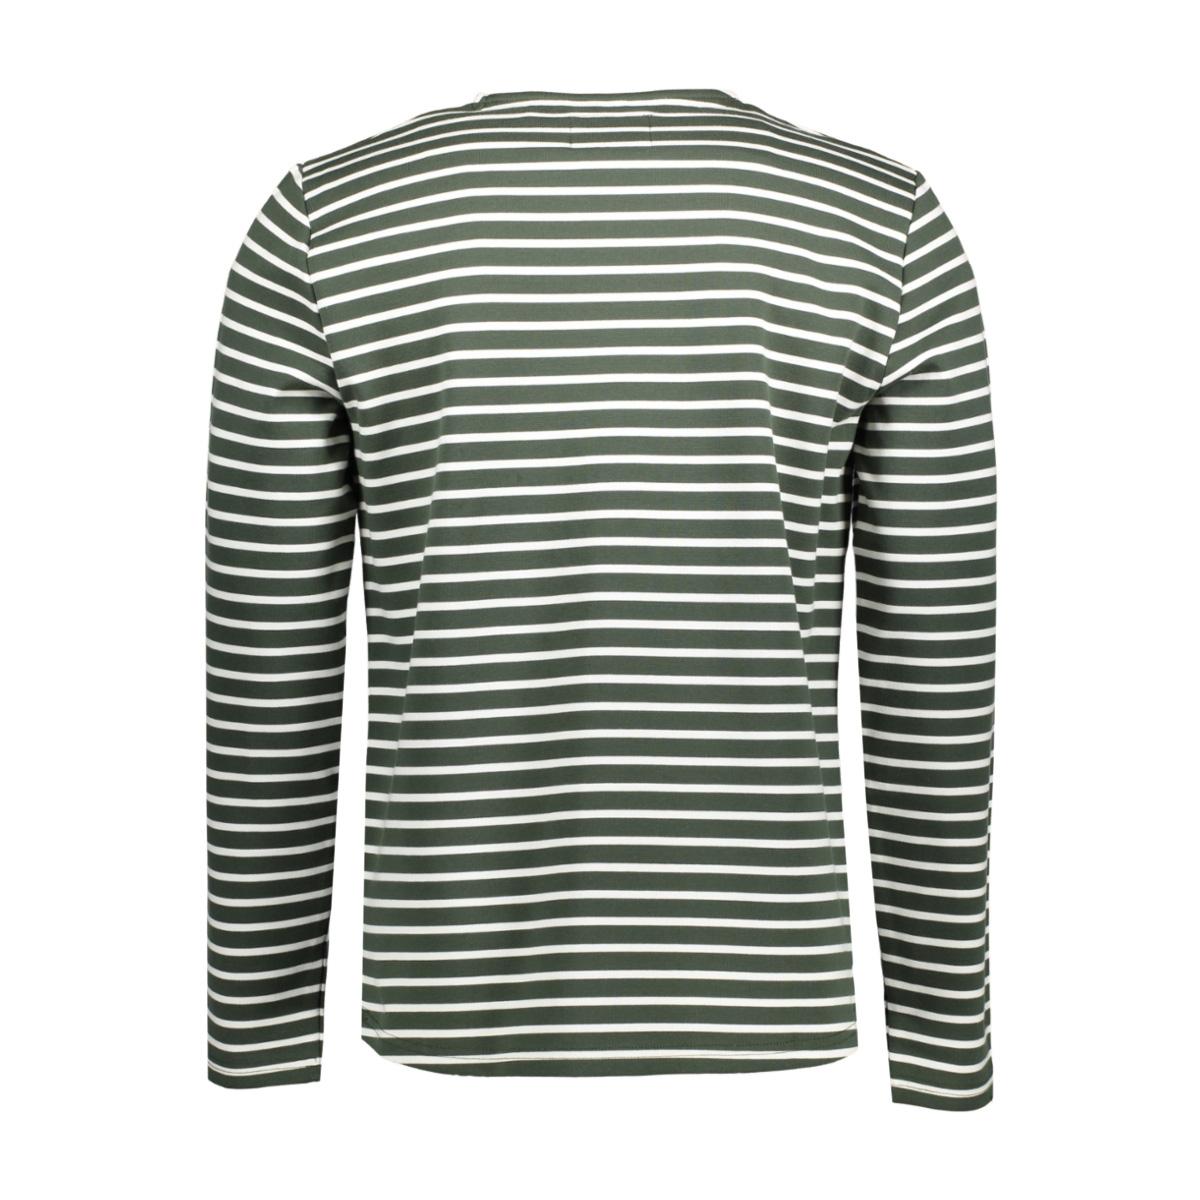 82160701 no-excess t-shirt 050